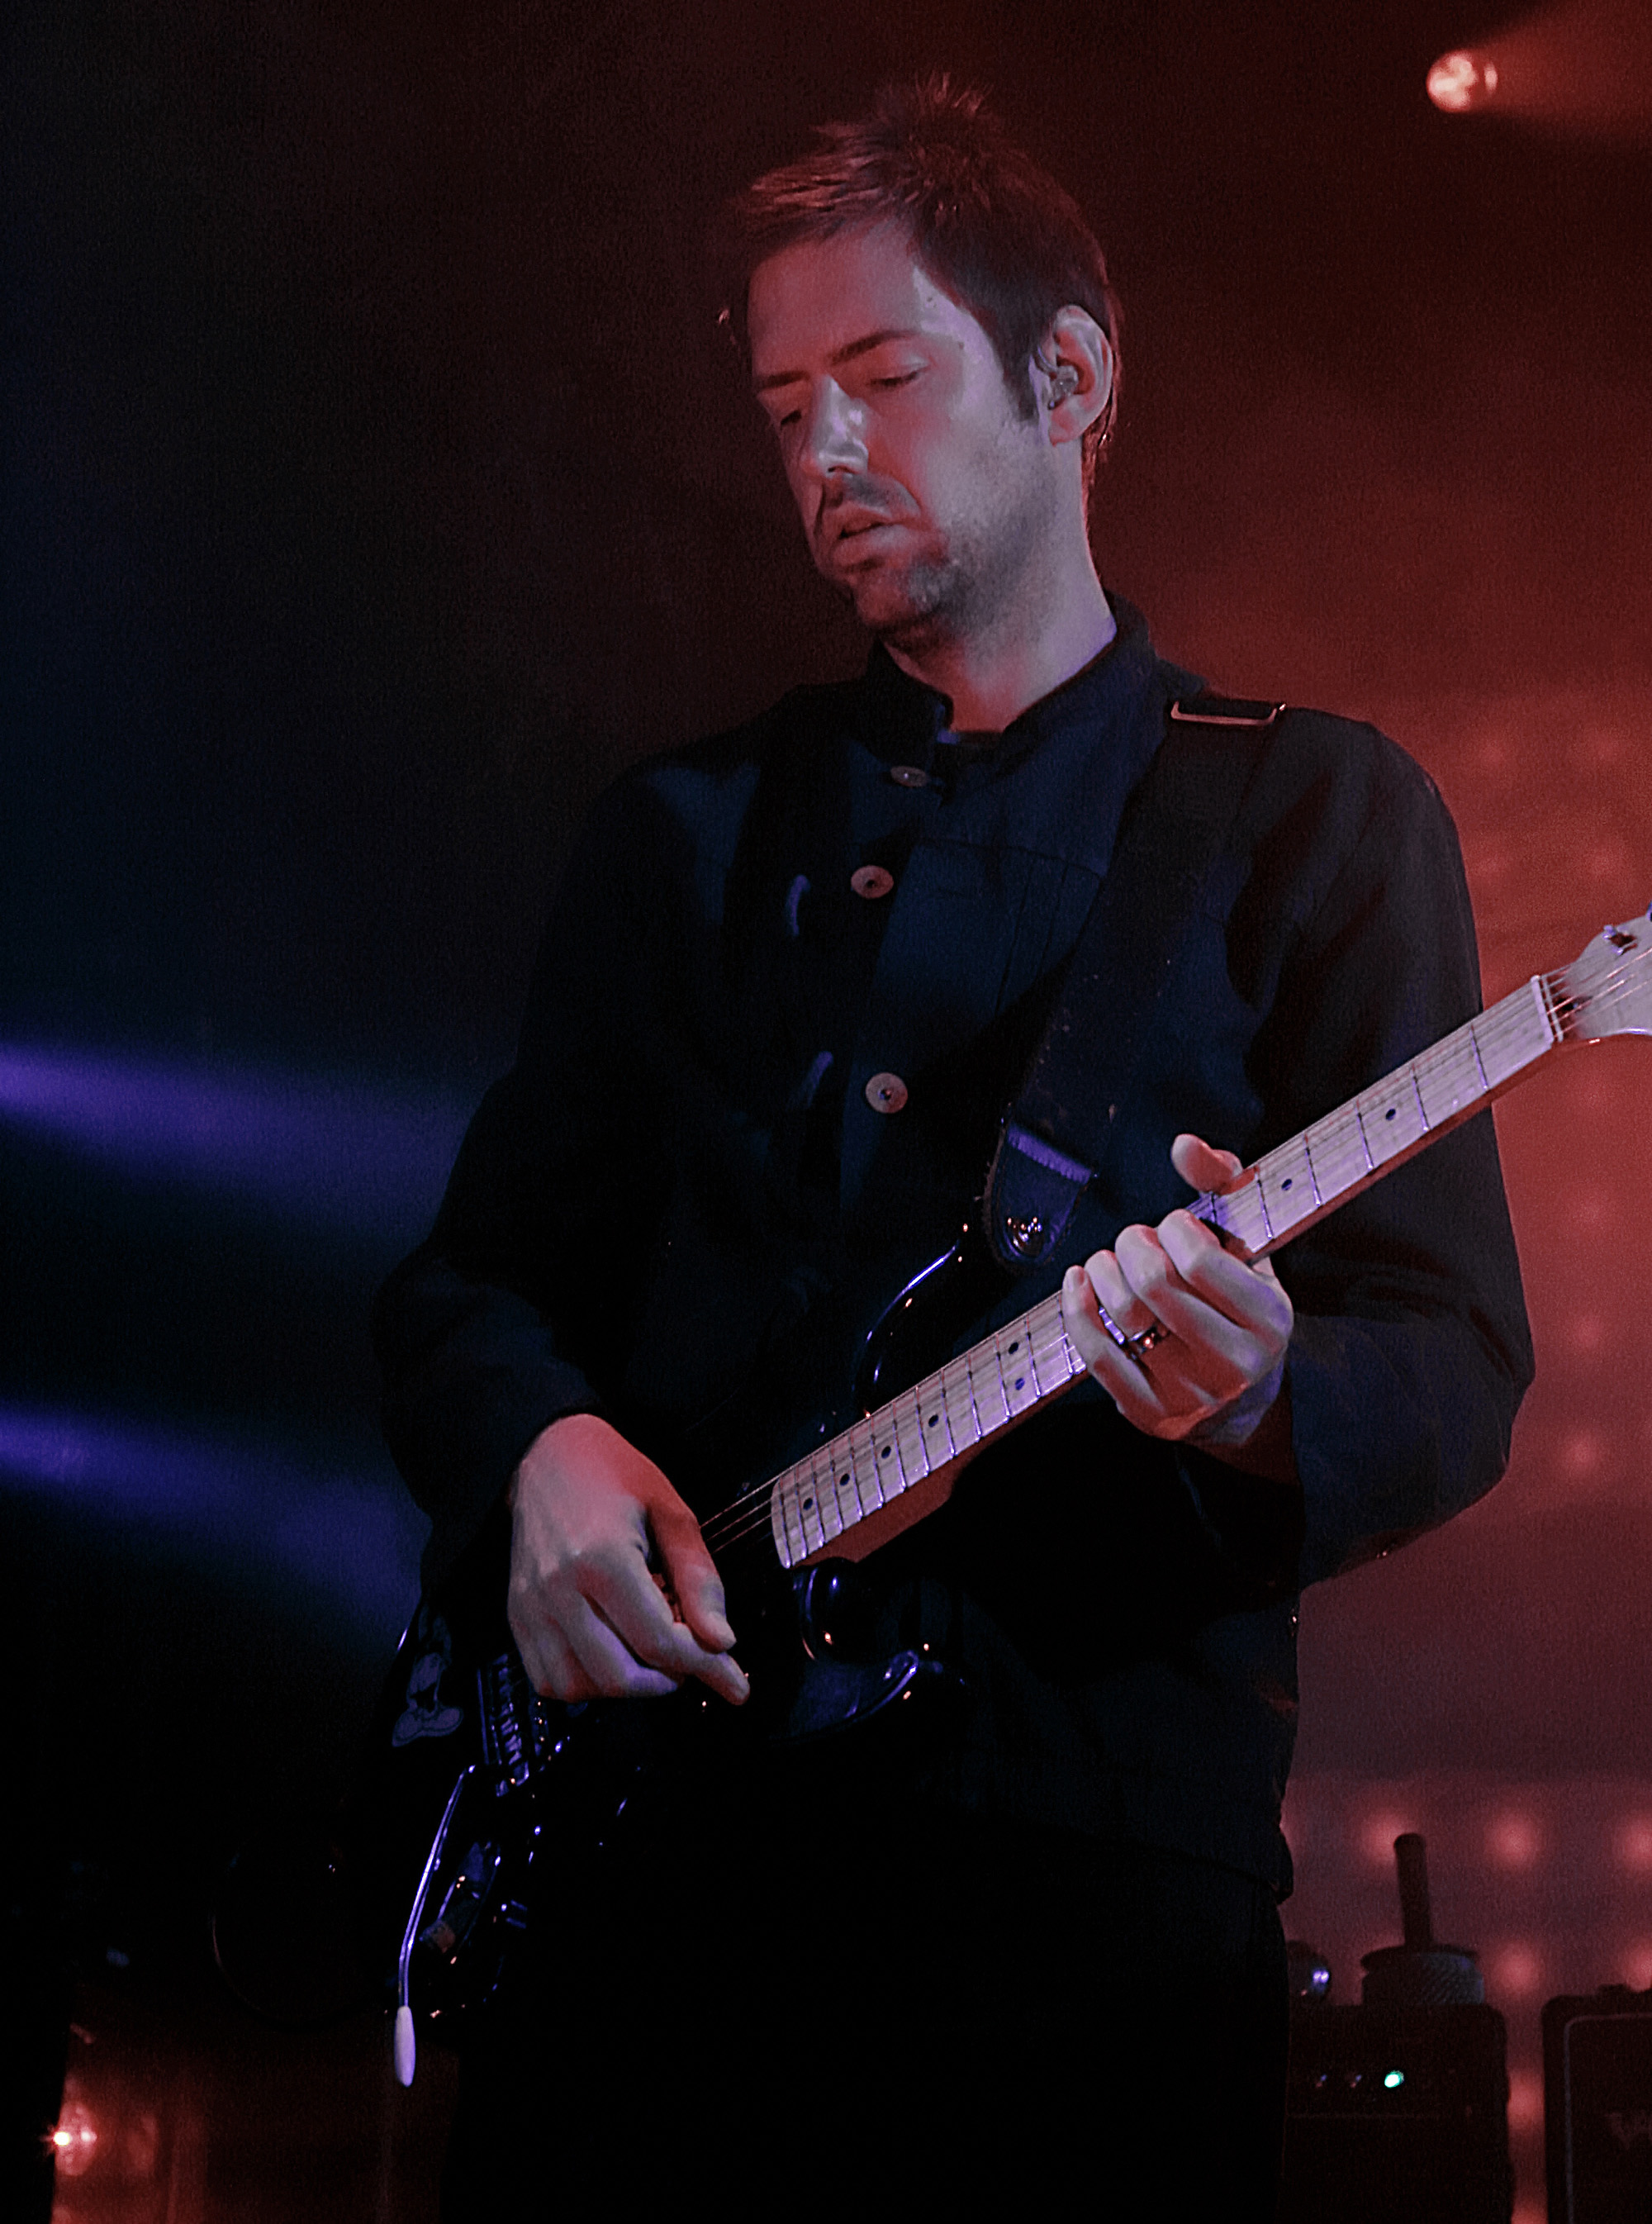 O'Brien con su Fender Eric Clapton Stratocaster.